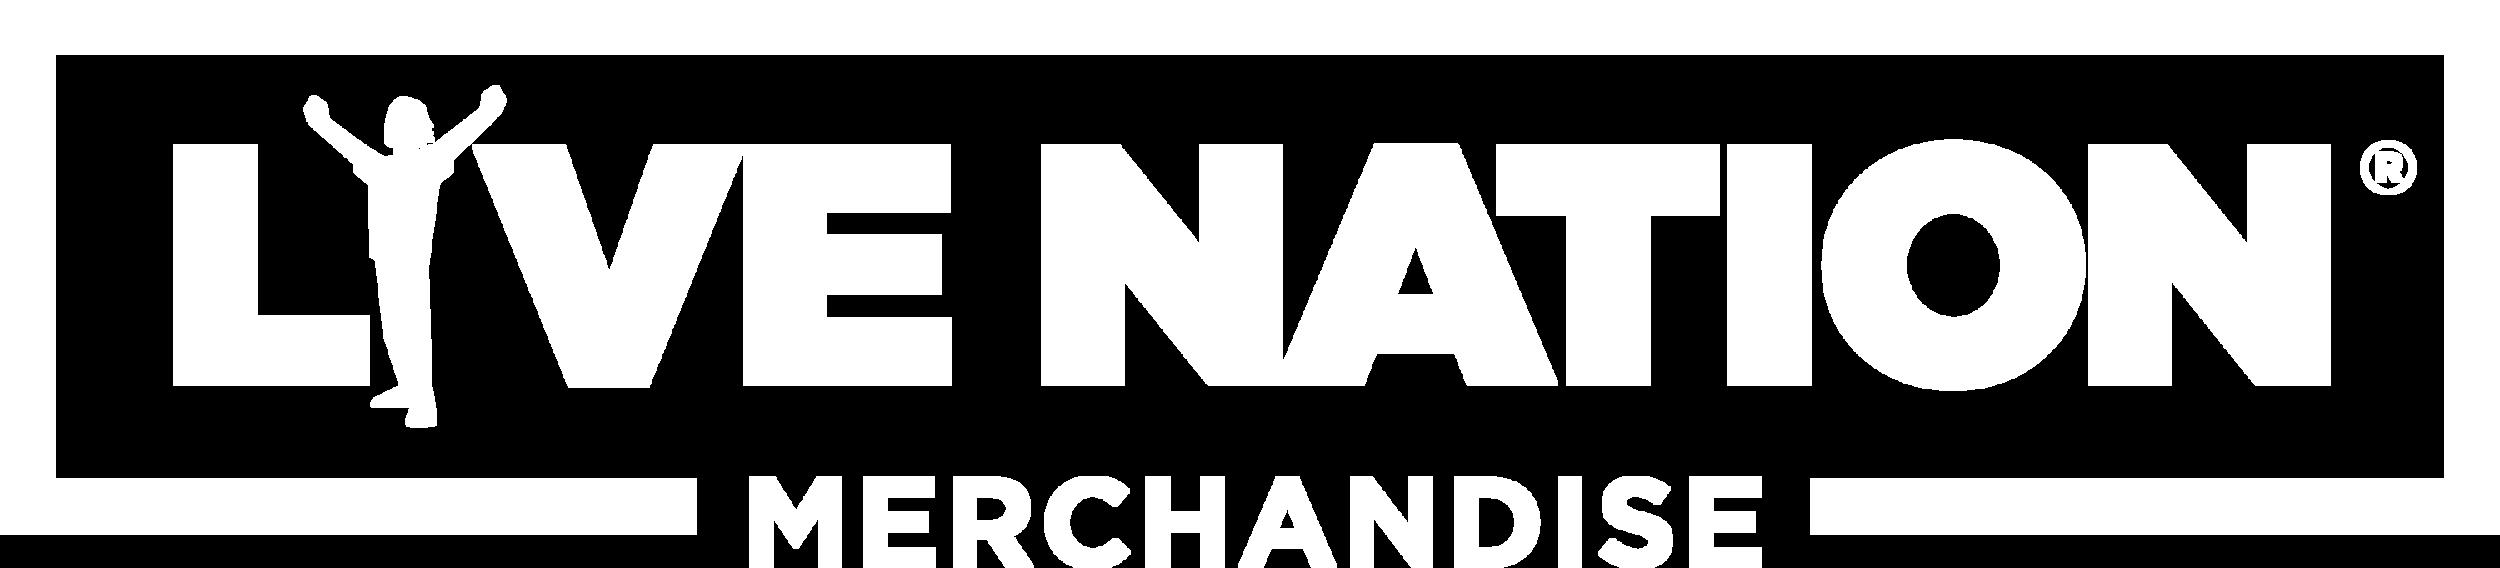 LN_Logo_Merchandise[2] copy.png